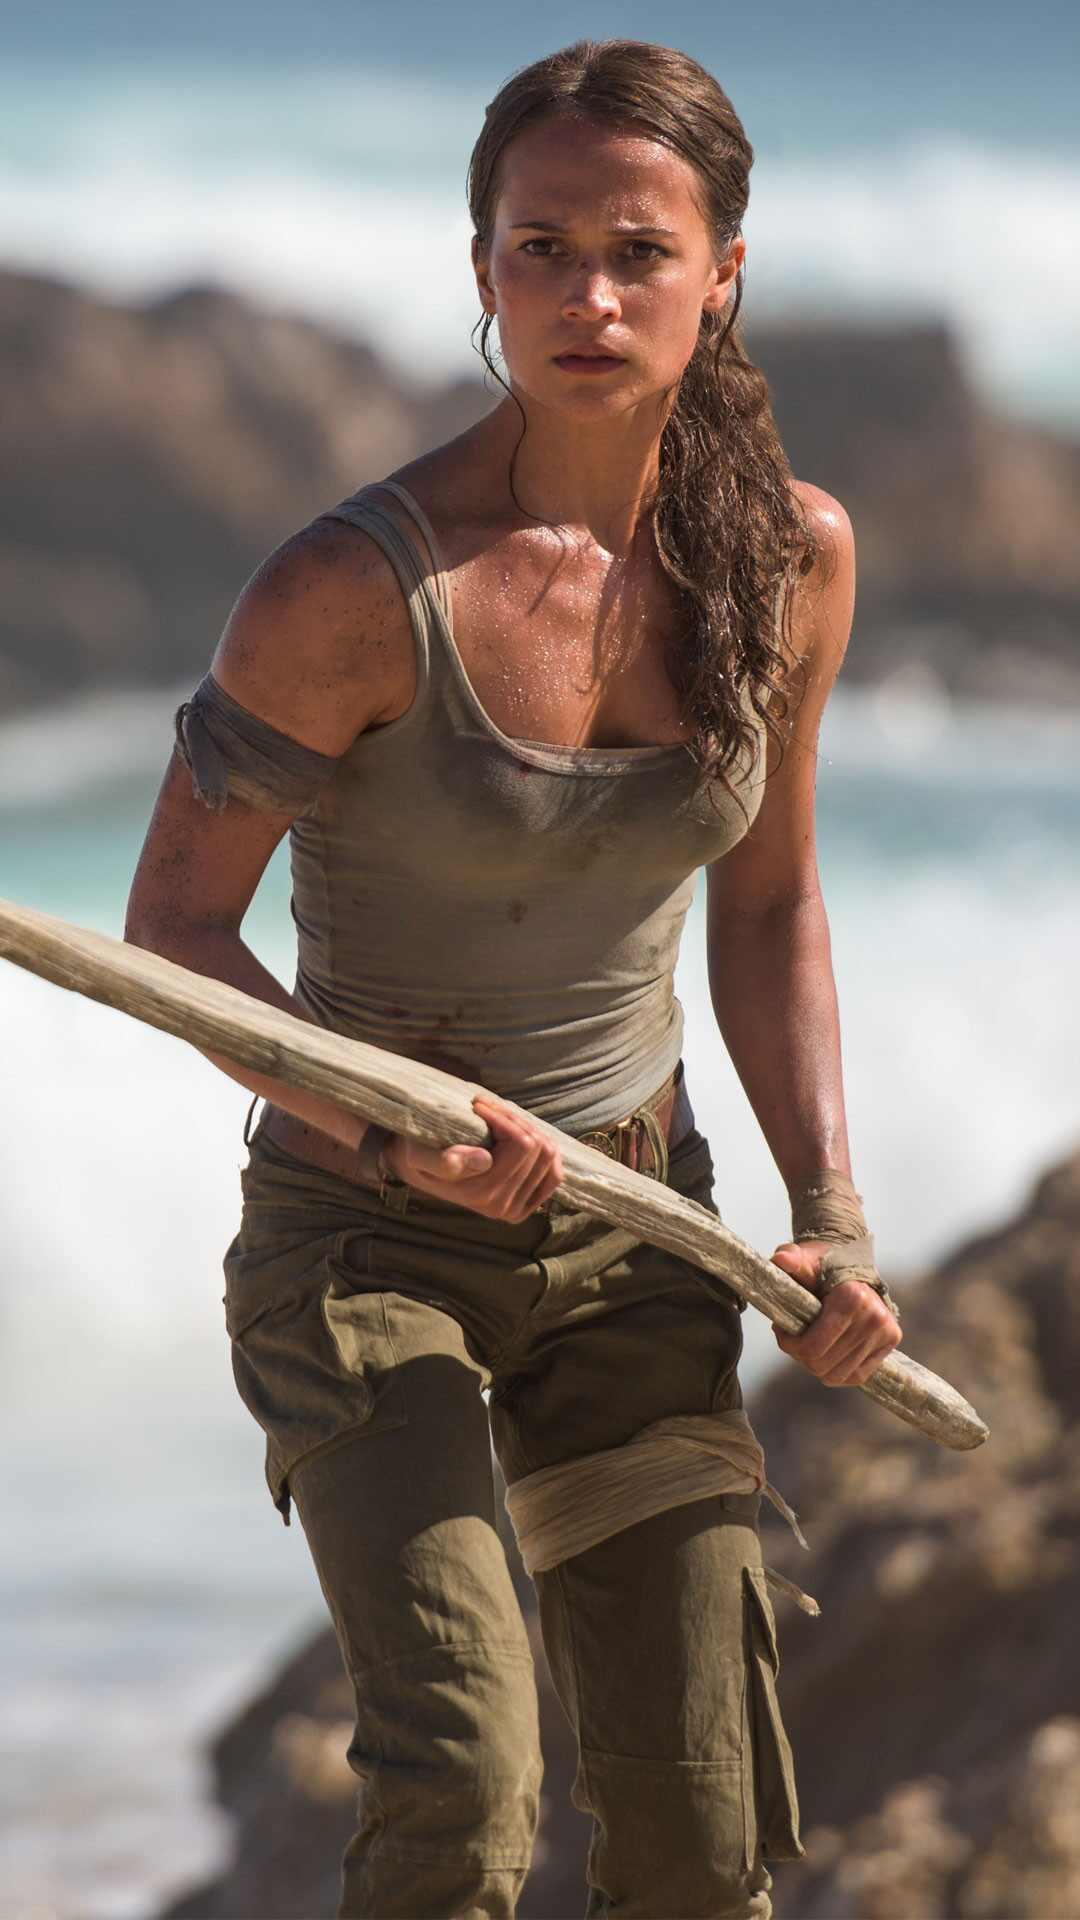 Así es como Alicia Vikander ganó 5 kilos de músculo para Tomb Raider